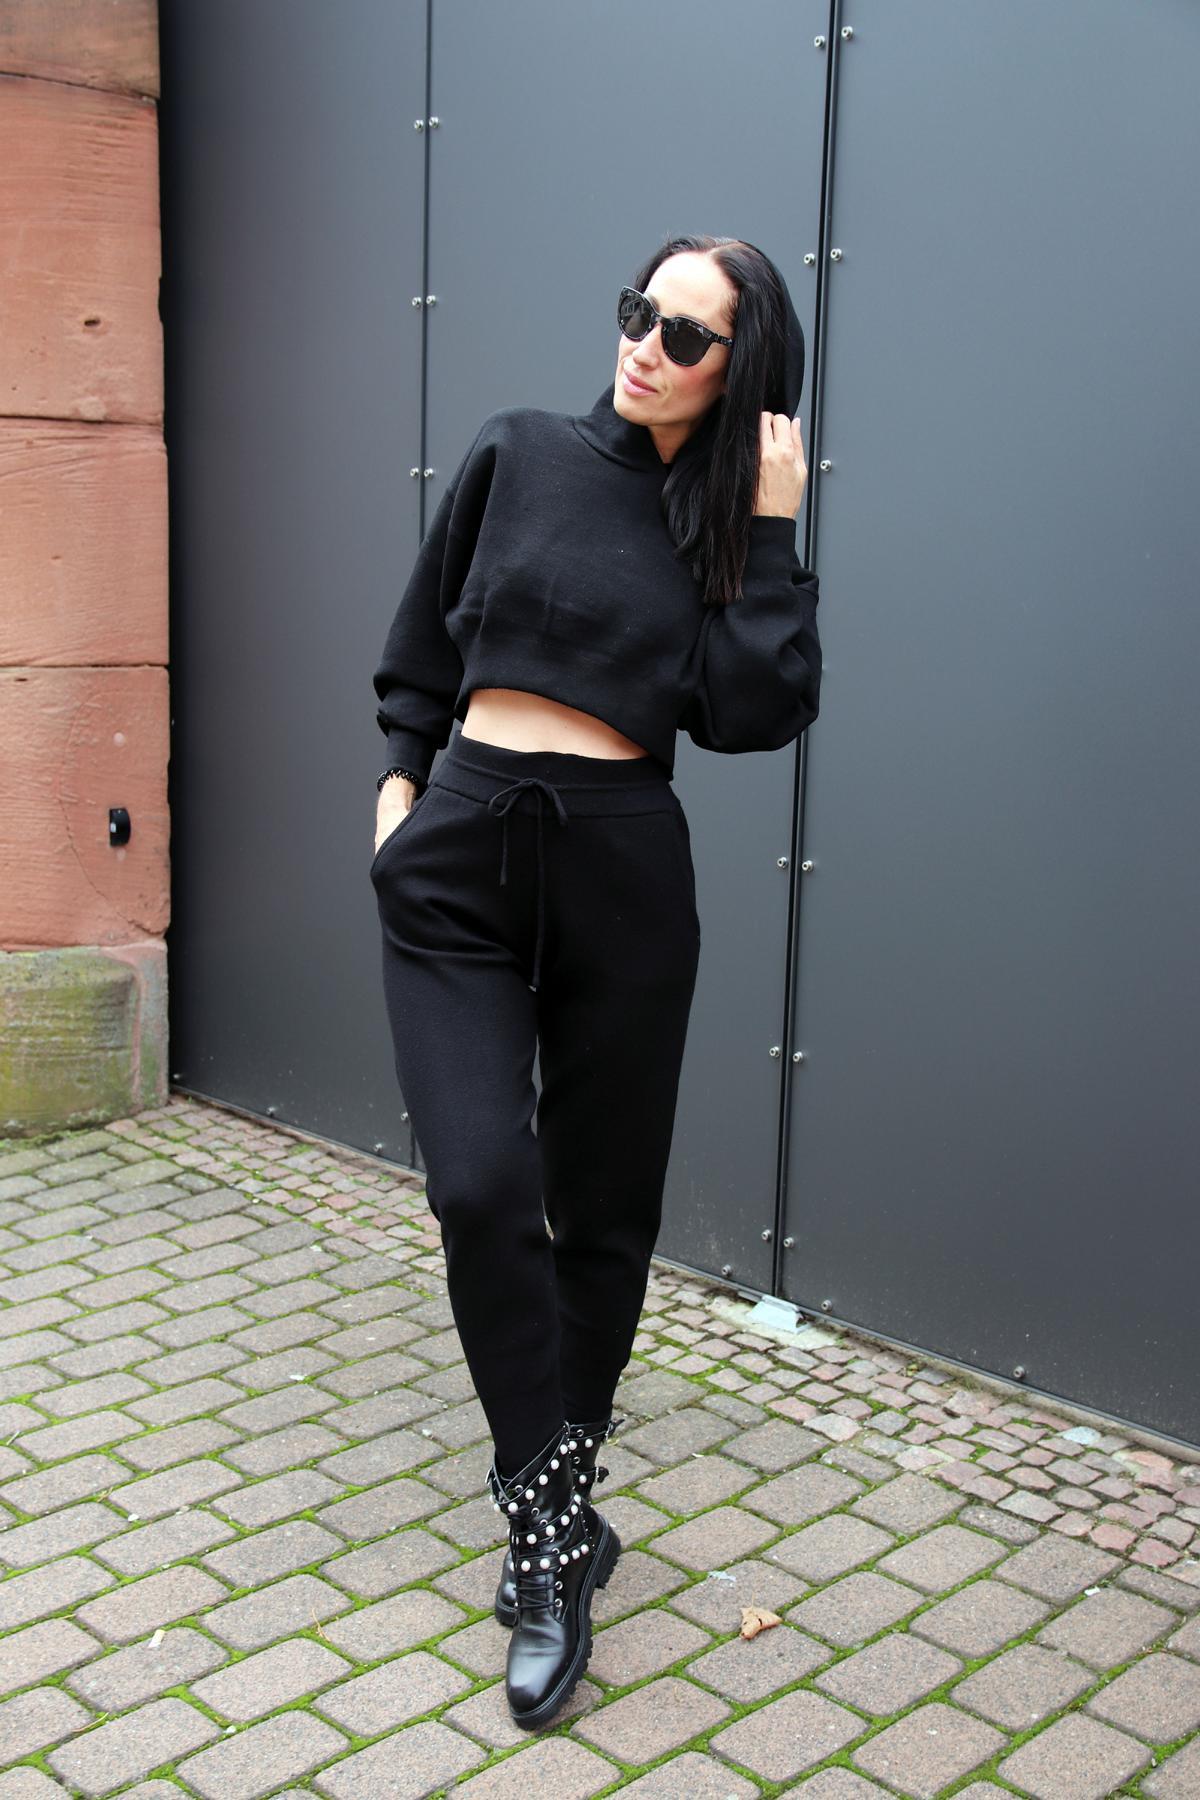 Angesagter Streetstyle-Look in Schwarz, bestehend aus Boots mit auffälligen Perlenapplikationen und Riemchen, dazu eine sportliche Sweatshirtkombination. © Copyright Bettina Katscher 2019